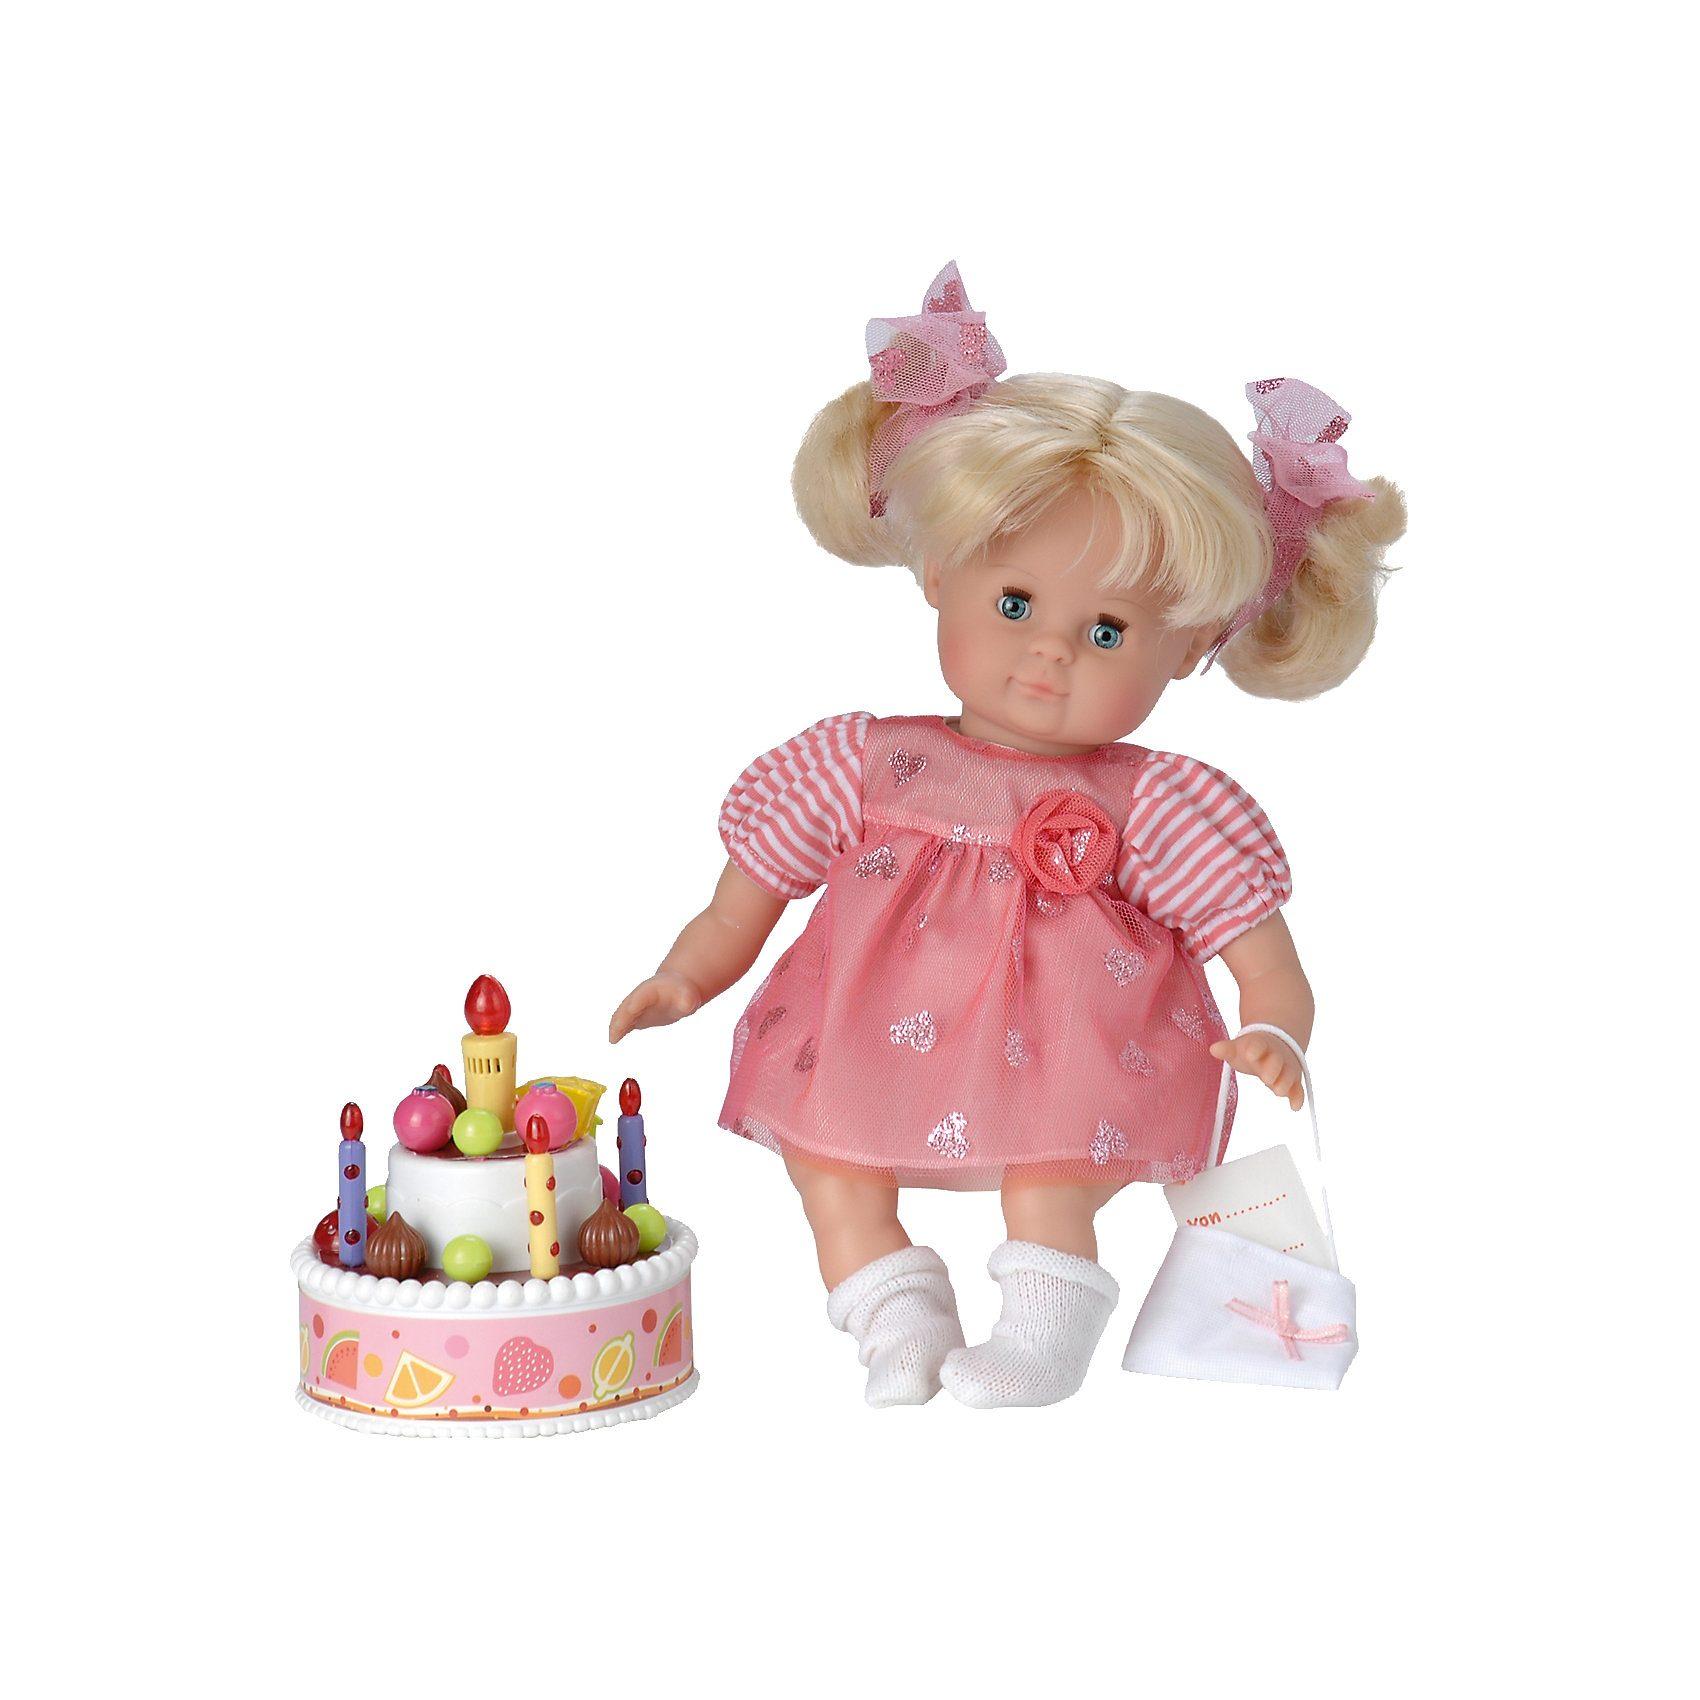 Stadlbauer Schildkröt Puppe Schlummerle Geburtstagsprinzessin, 32 cm